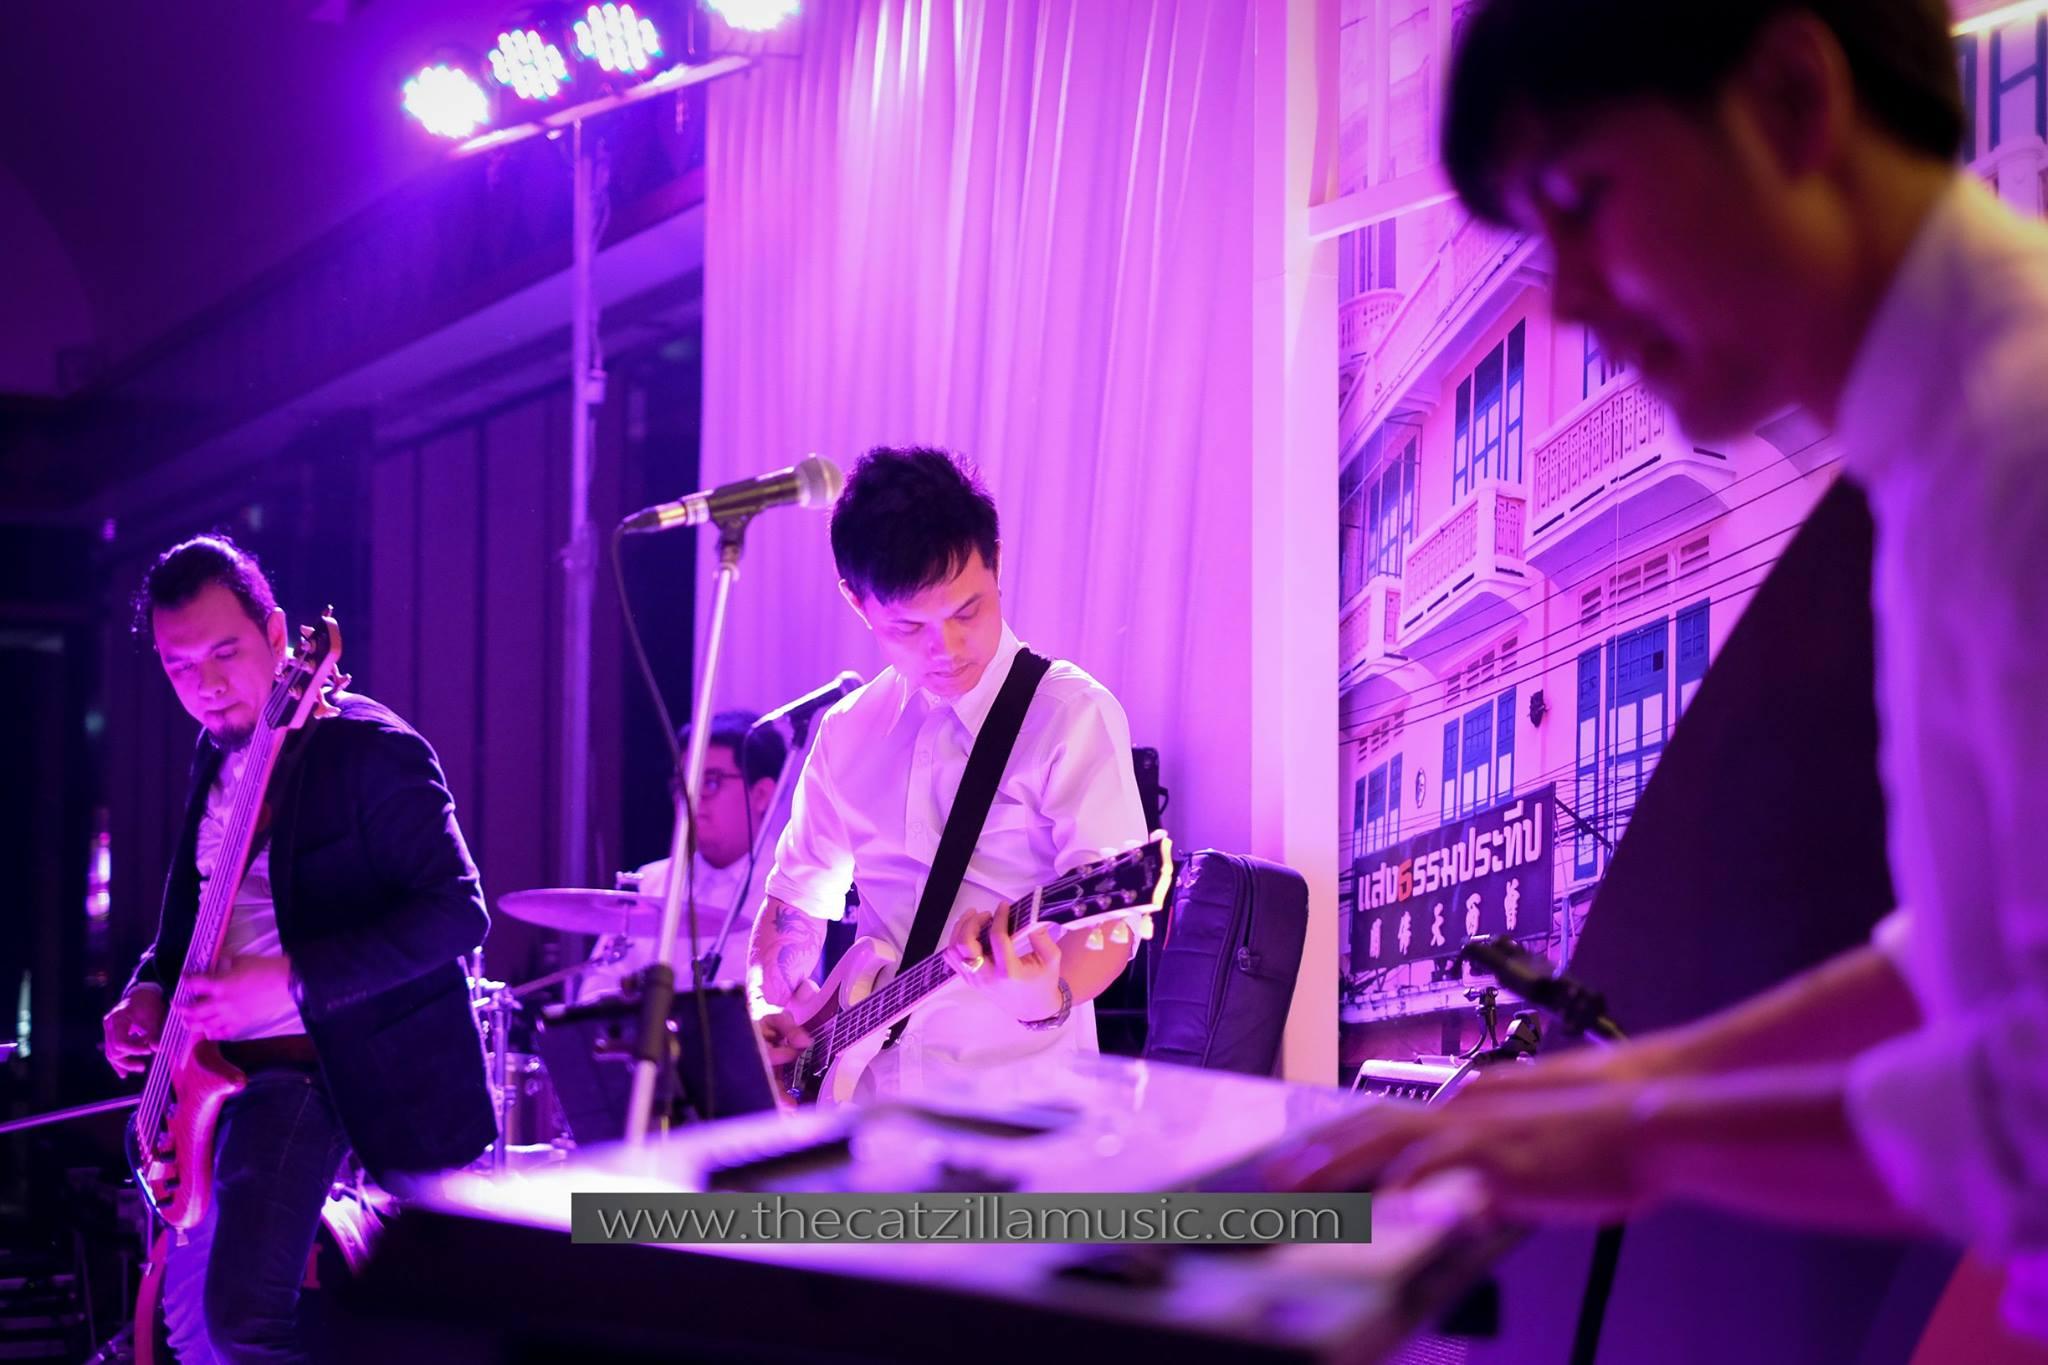 วงดนตรี งานแต่งงาน after Party บุ๋นแบนด์ Catzilla music